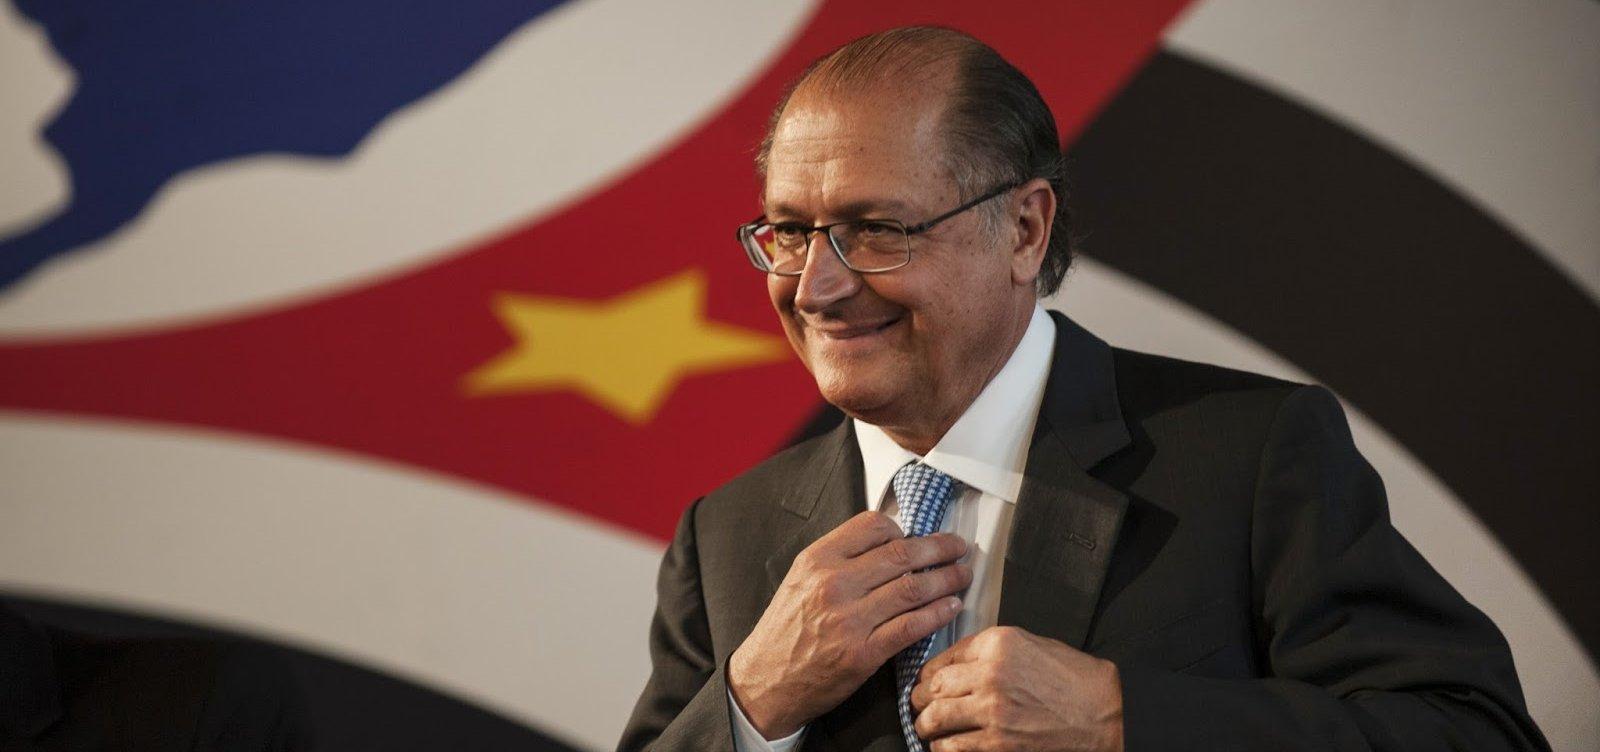 [Familiares de Alckmin lucraram R$ 3,8 milhões com decretos do ex-governador de SP]